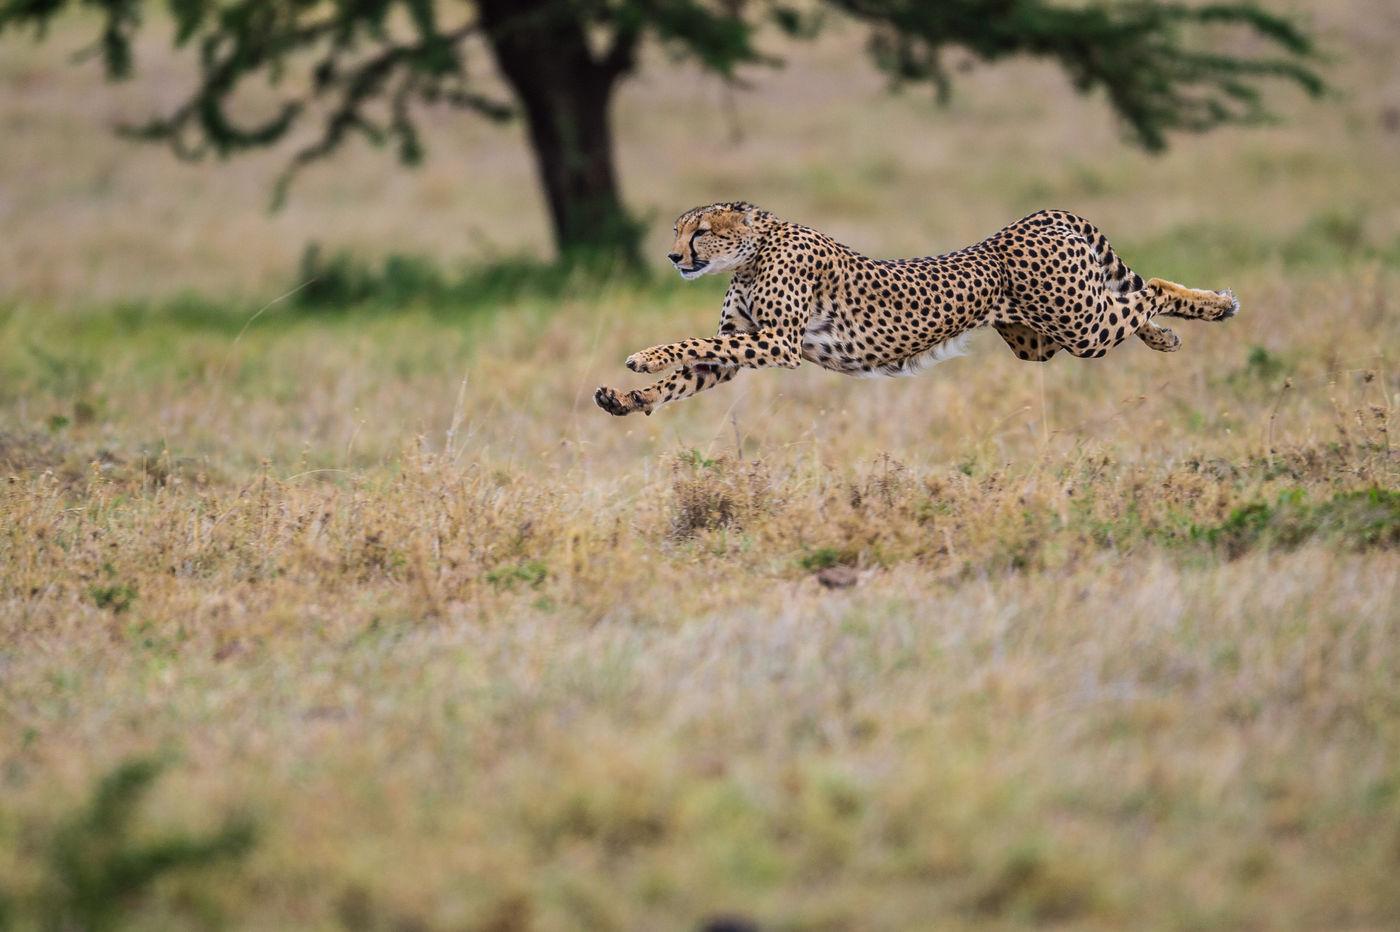 Het jachtluipaard is het snelste landzoogdier ter wereld. Ze kunnen snelheden behalen van 120 km/u! © Billy Herman